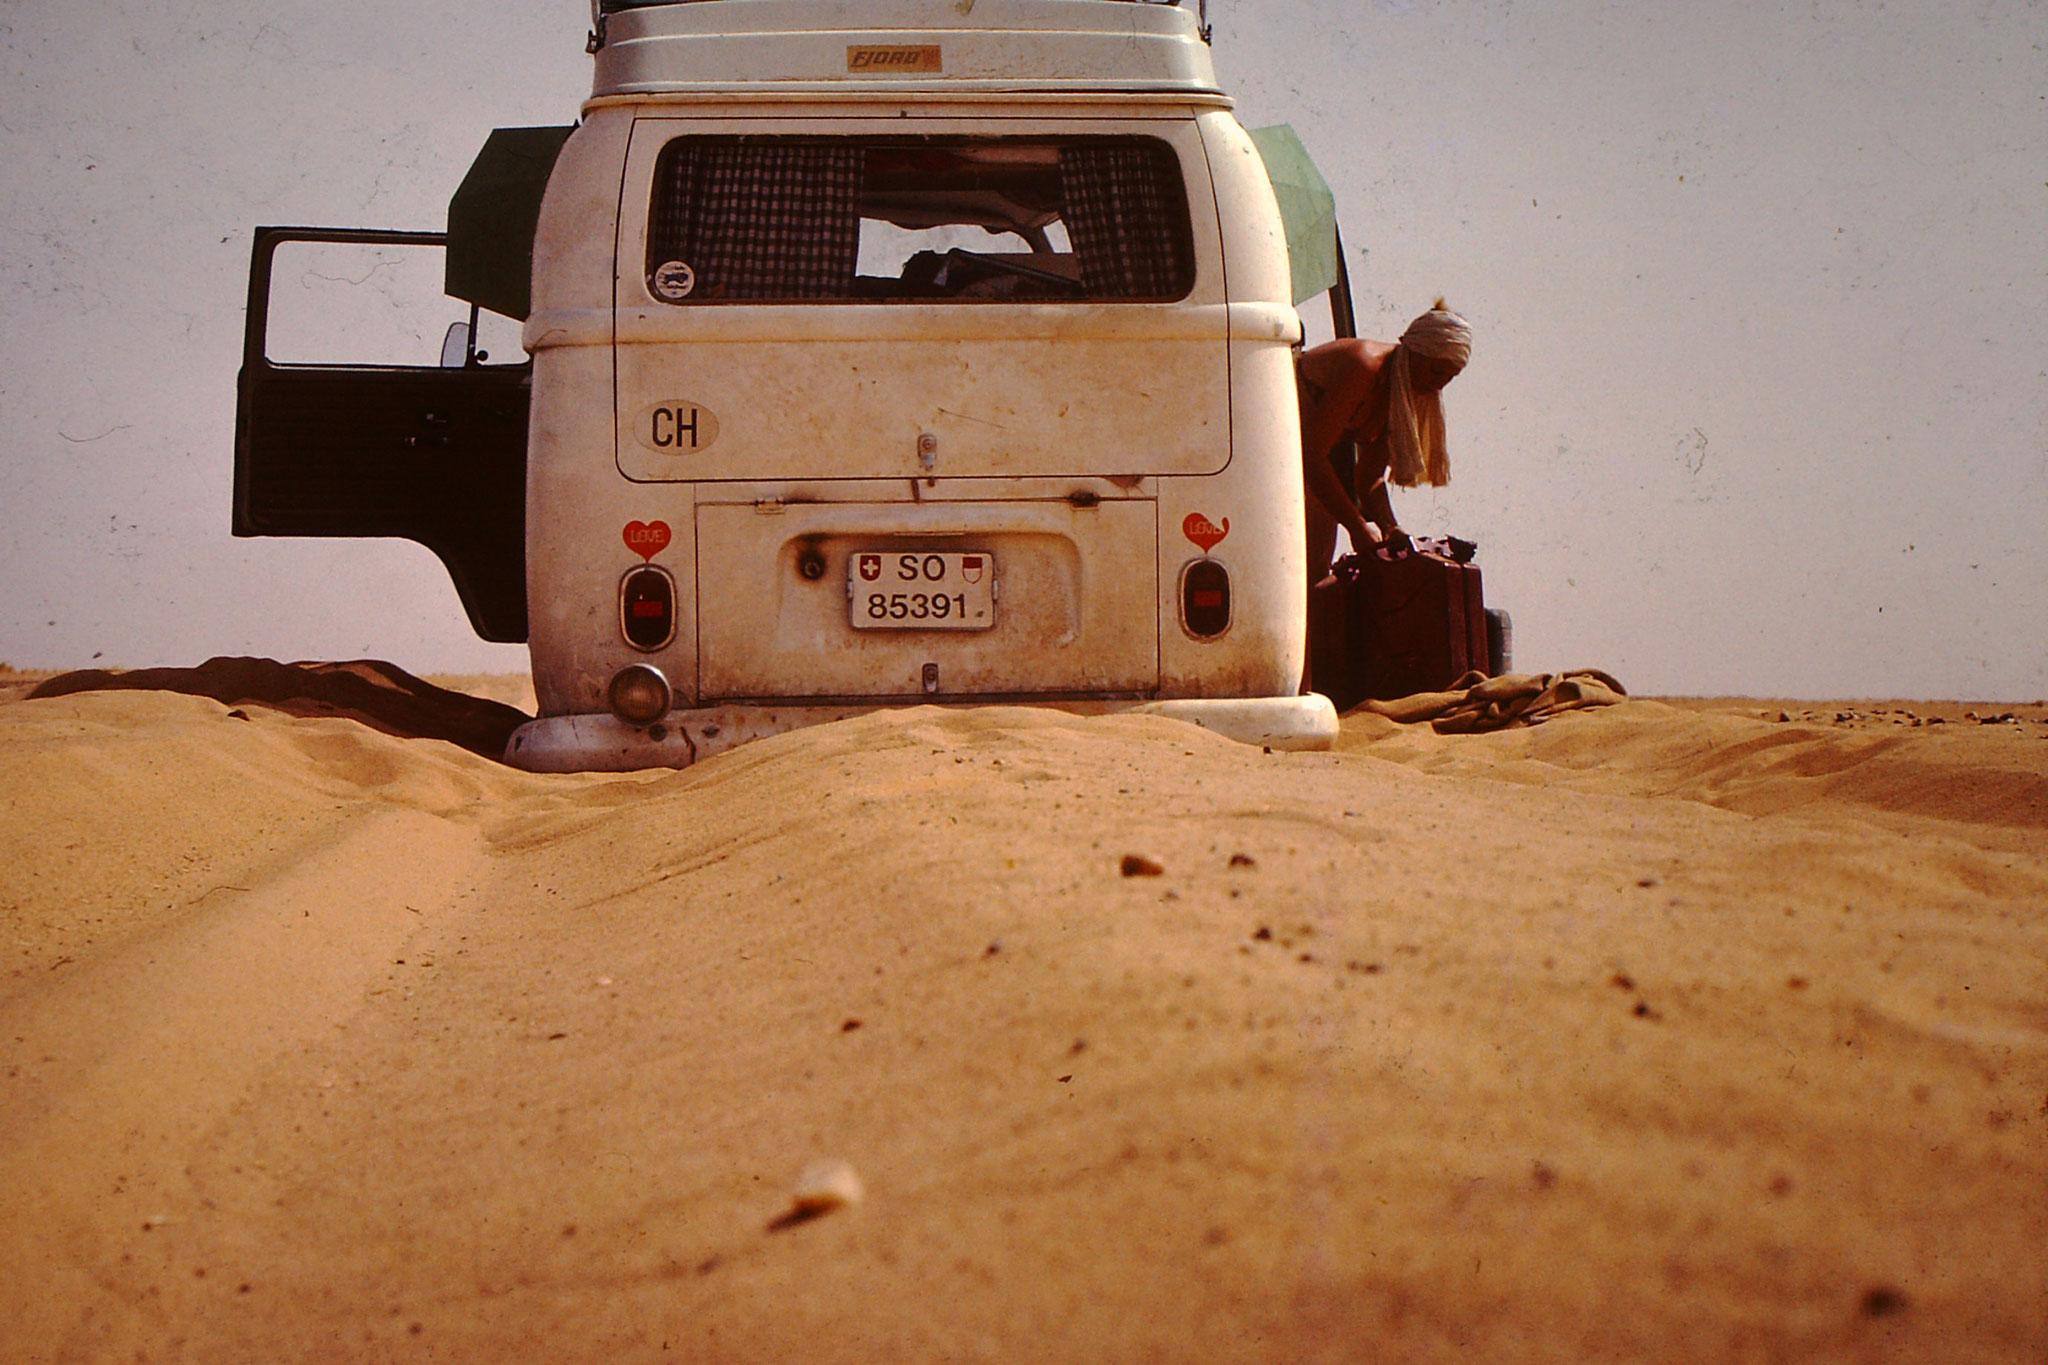 Bei meiner ersten Saharadurchquerung hatte ich mit dem fahren auf Weichsandpiste noch keine Erfahrung. Zudem sollte man die Sahara nicht wie wir ende April durchqueren. Der beste Zeitpunkt ist zwischen November und März.